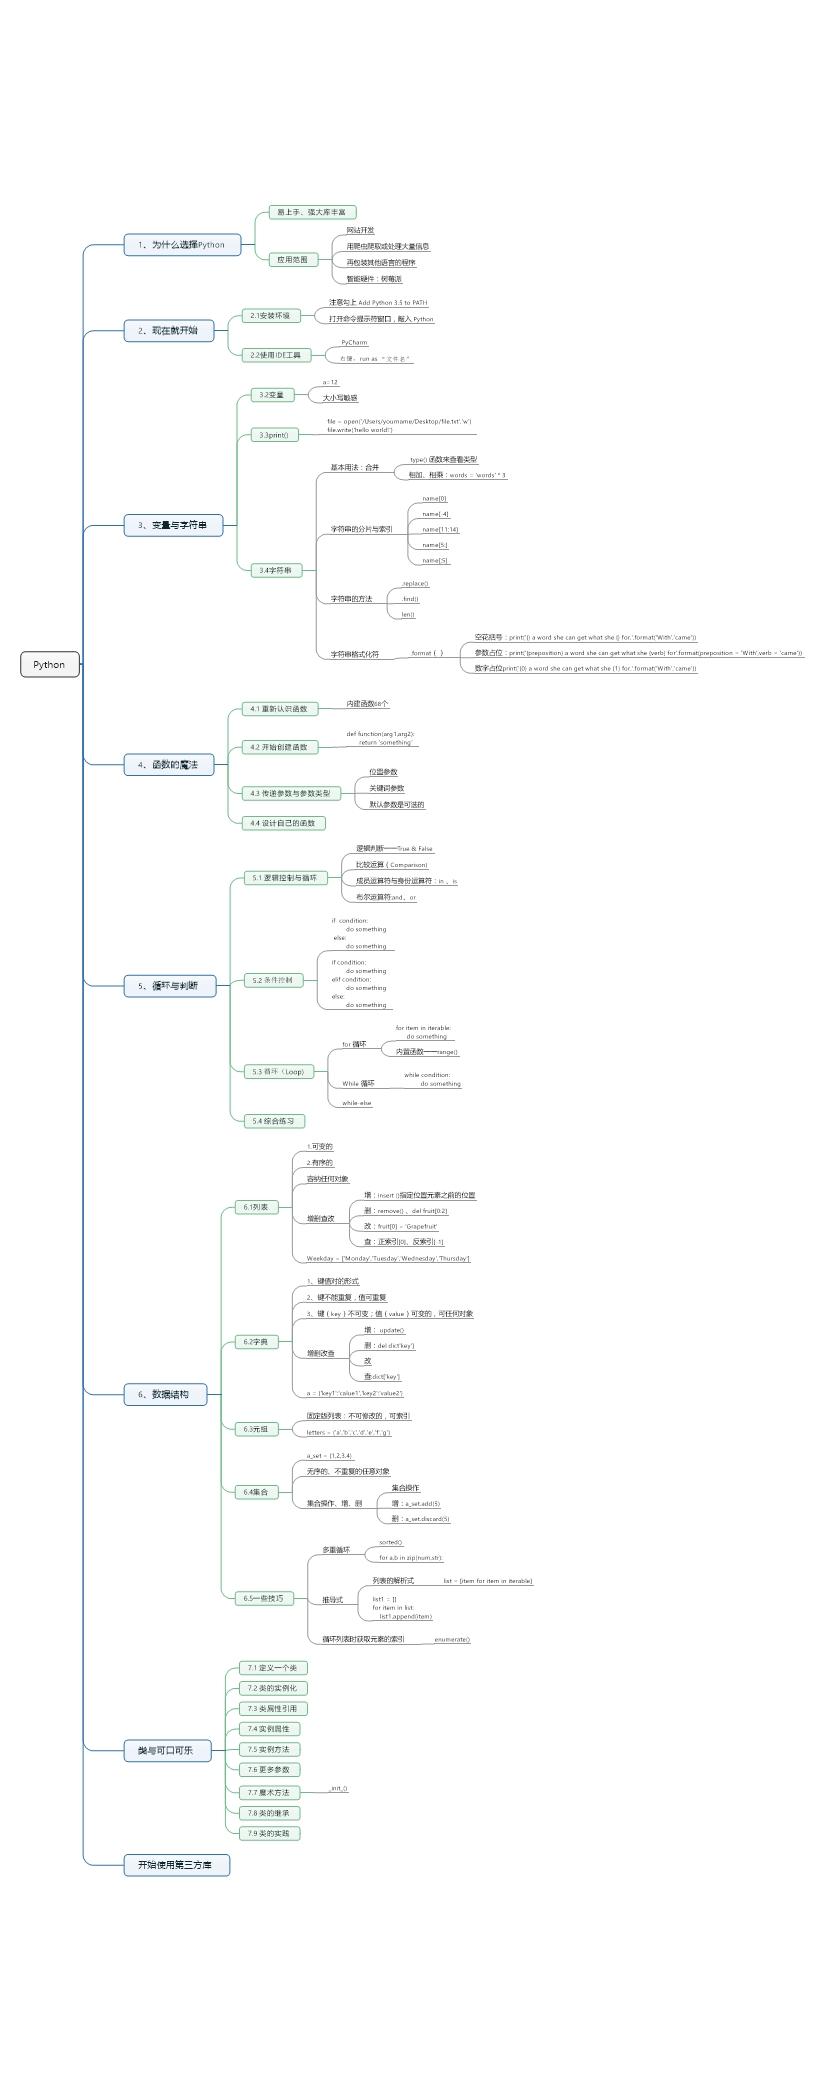 《编程小白的第一本 Python 入门书》读后笔记...